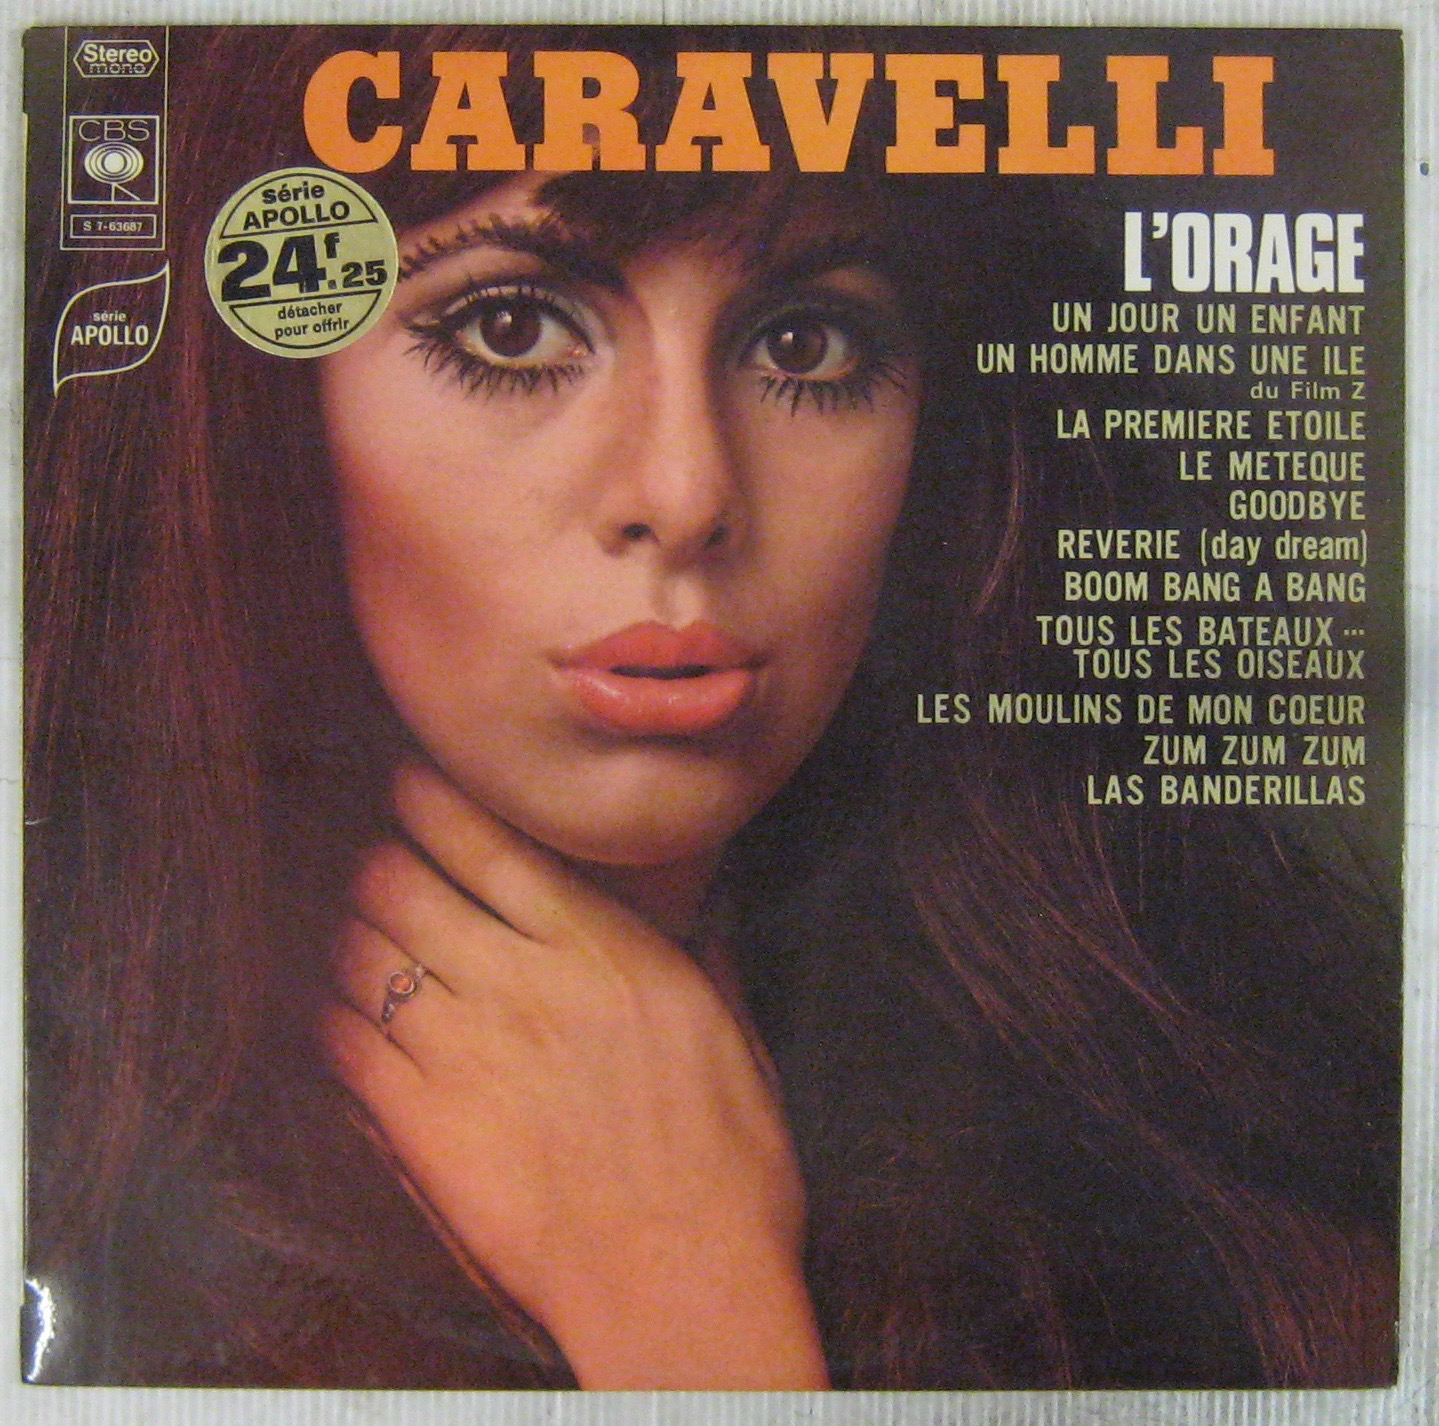 CARAVELLI - L'orage - 33T